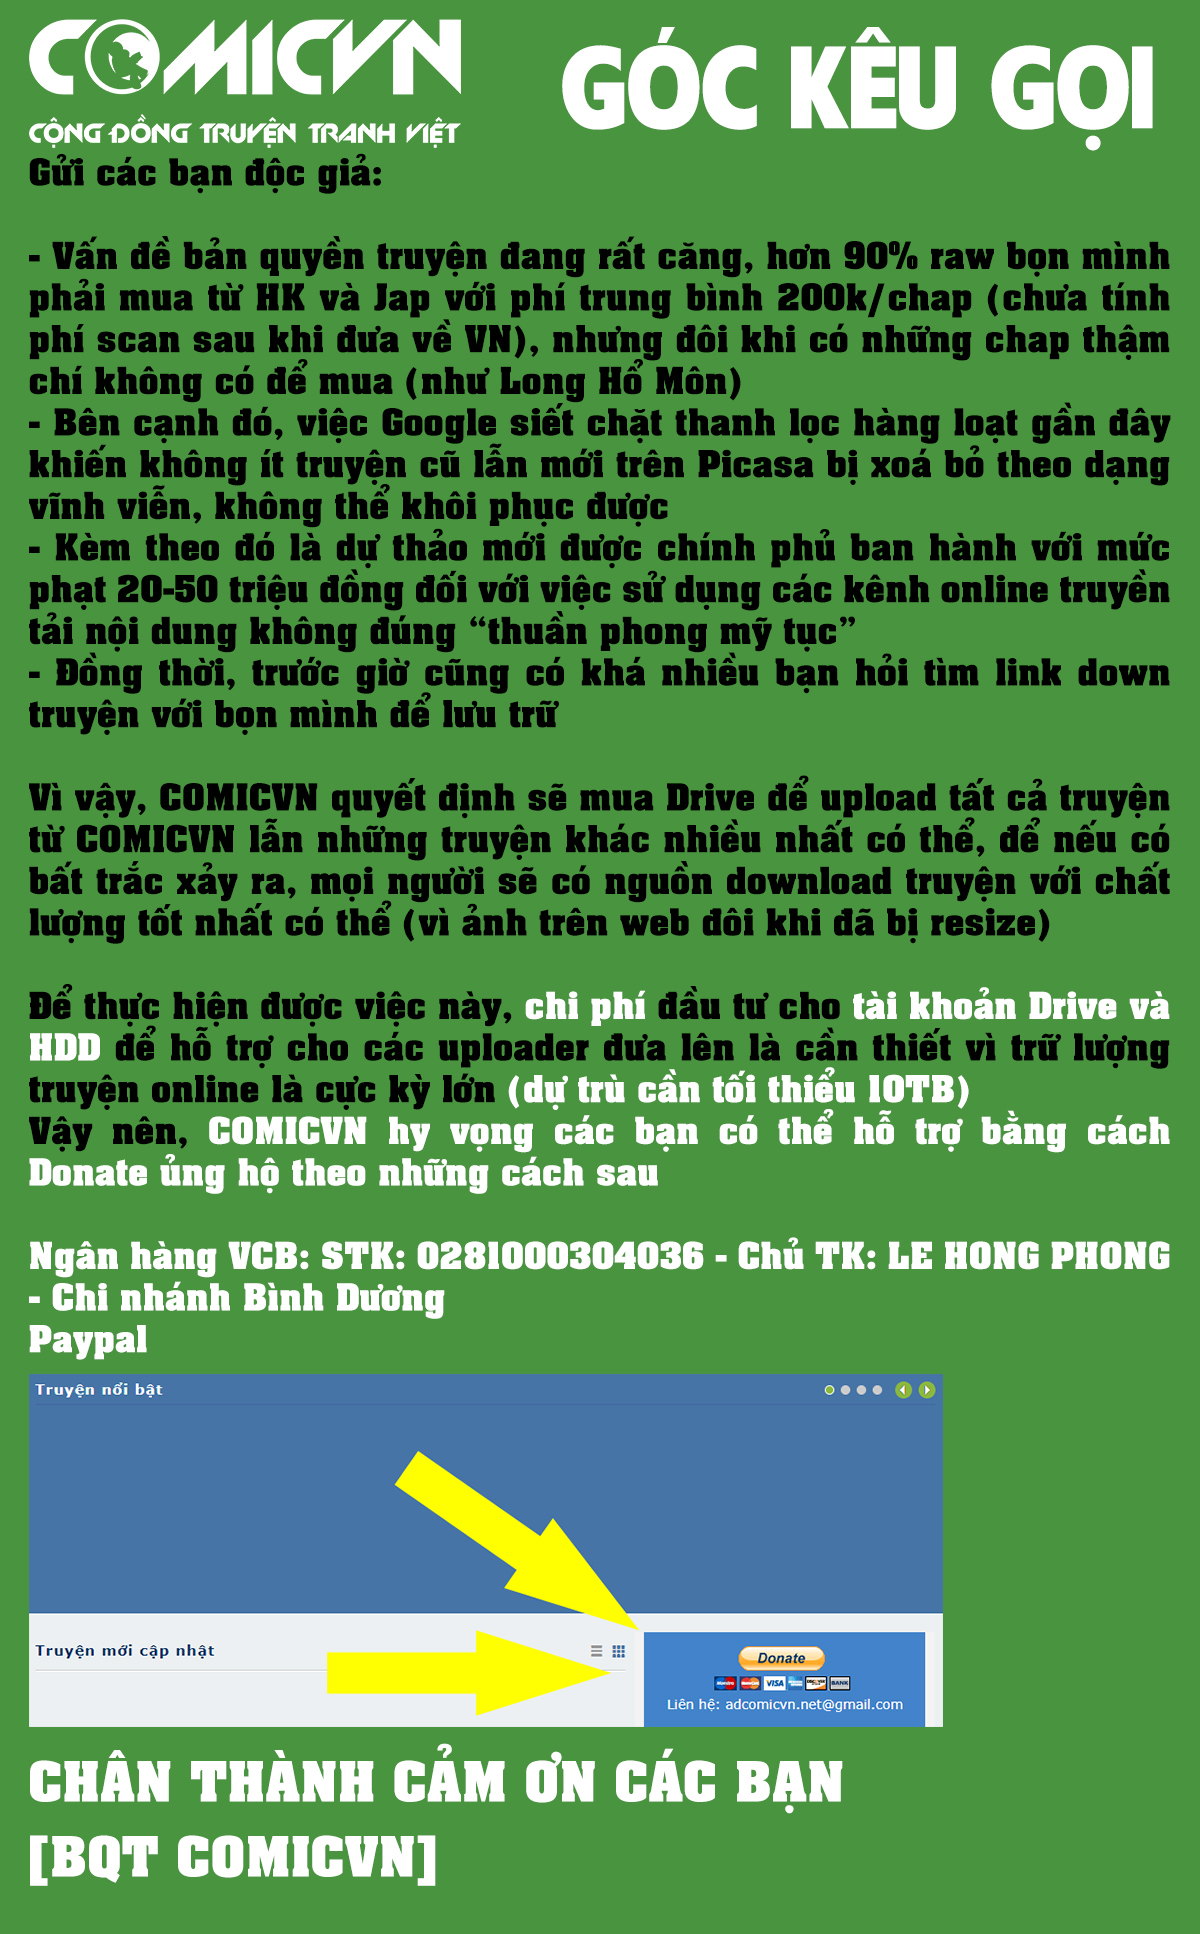 Tân Tác Long Hổ Môn chap 879.1 - Trang 19